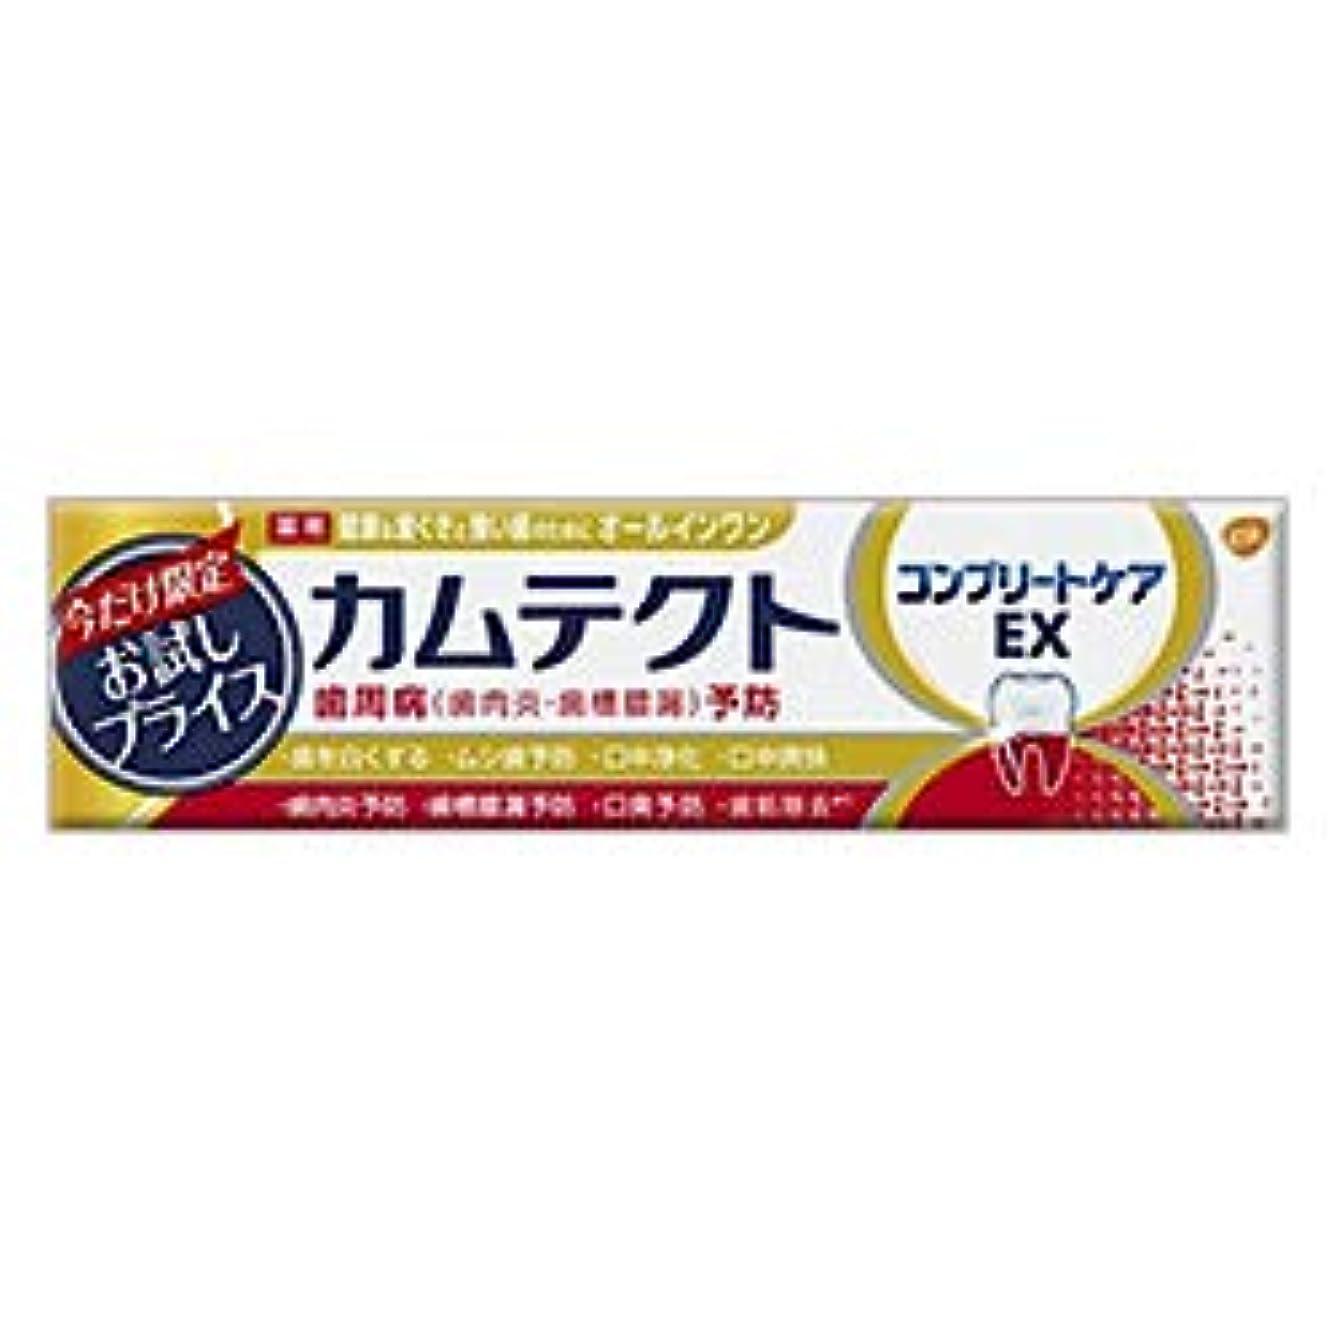 クーポンロック繊毛【アース製薬】カムテクト コンプリートケアEX 限定お試し版 95g [医薬部外品] ×5個セット